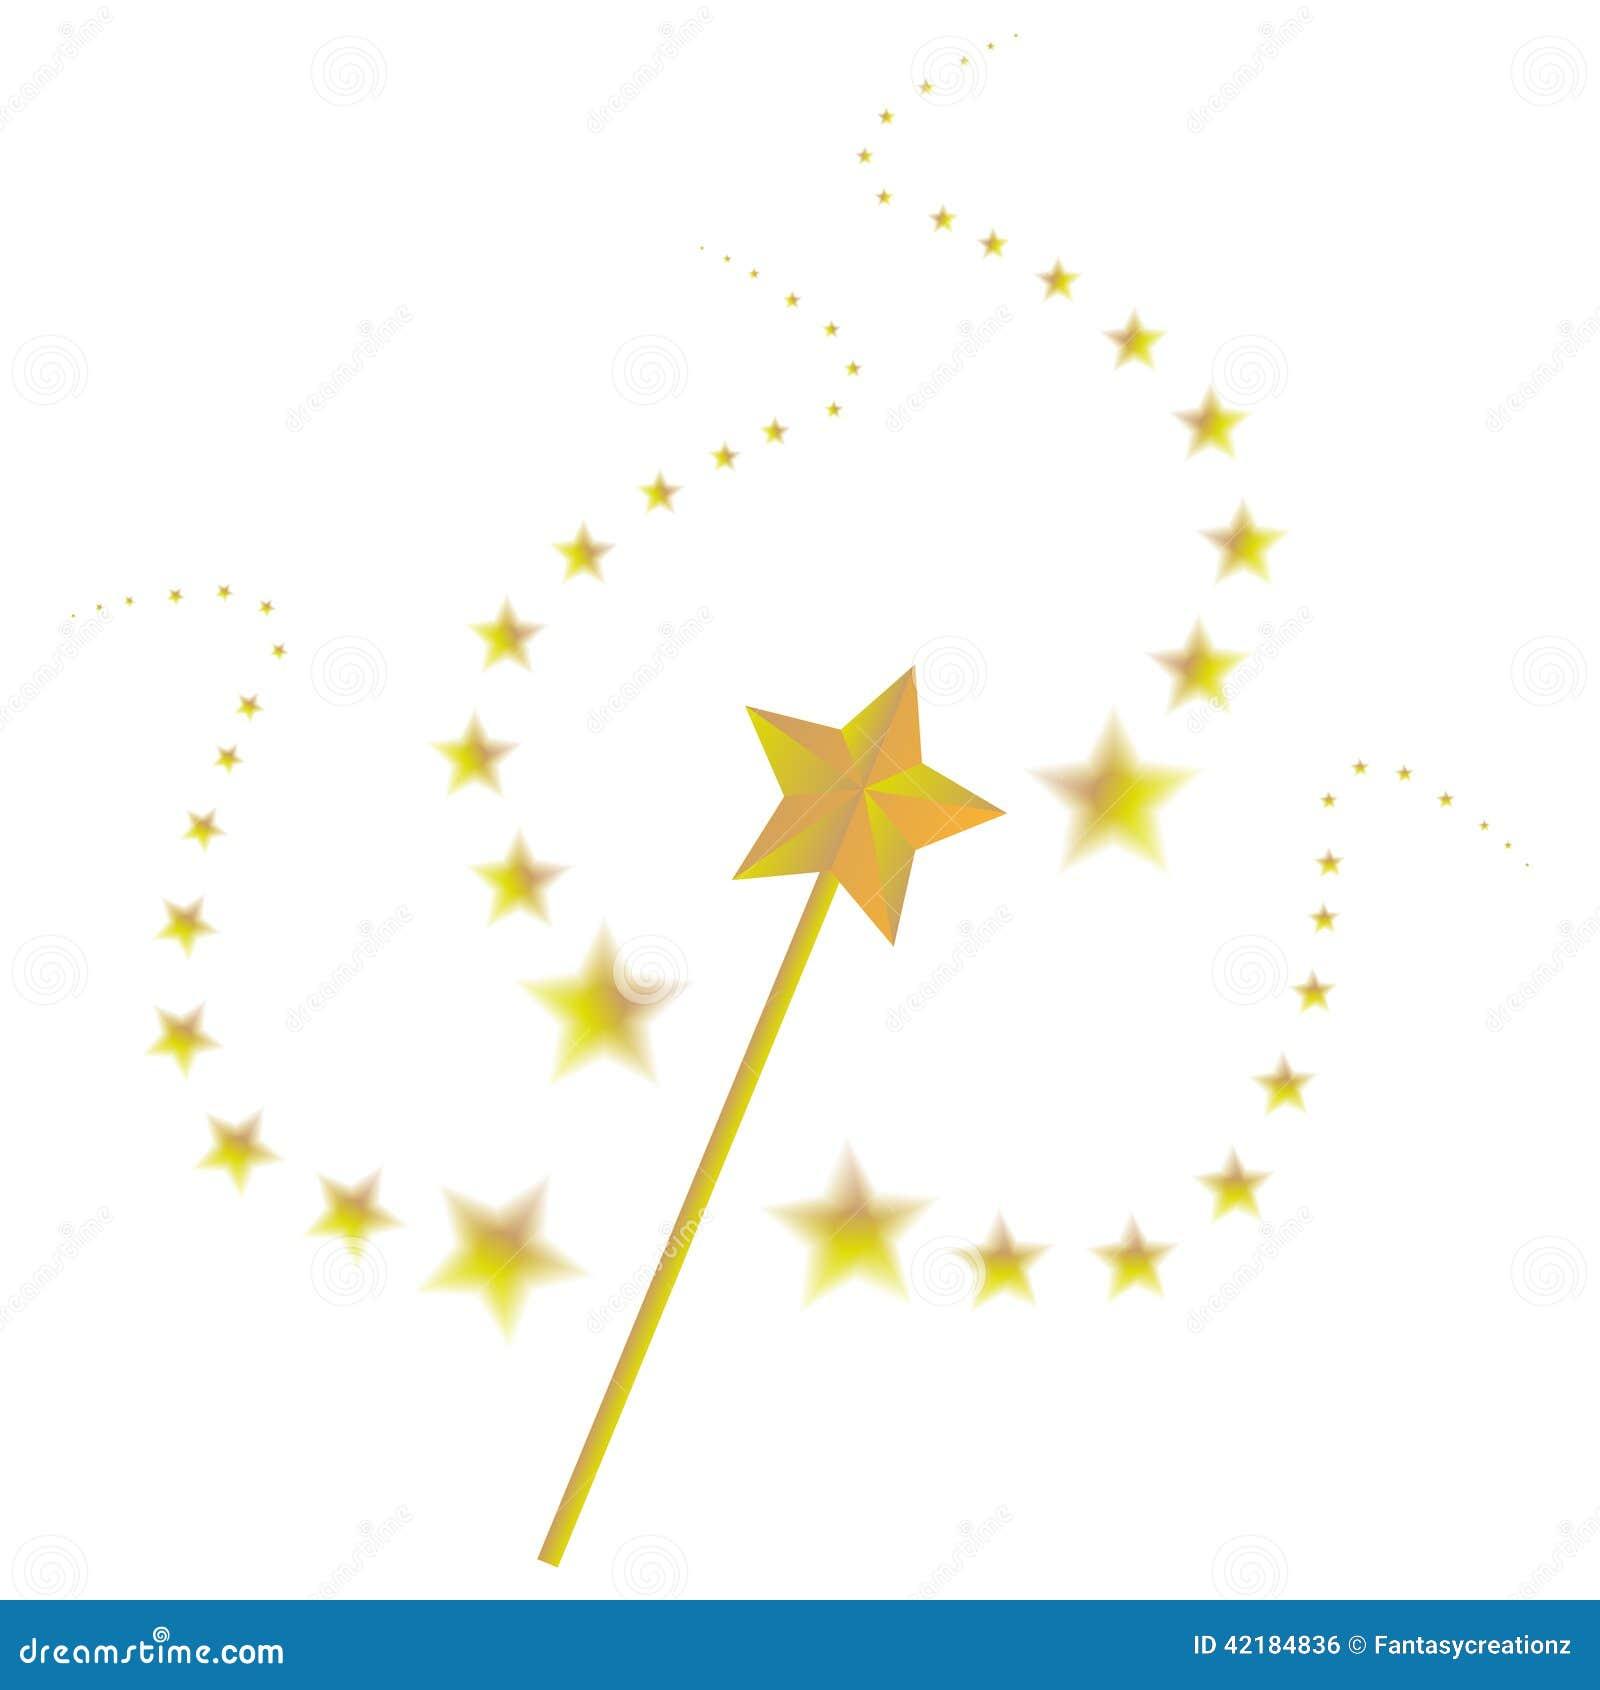 Bacchetta magica fotografia stock immagine 42184836 - Piastrelle 15x15 bianco lucido ...